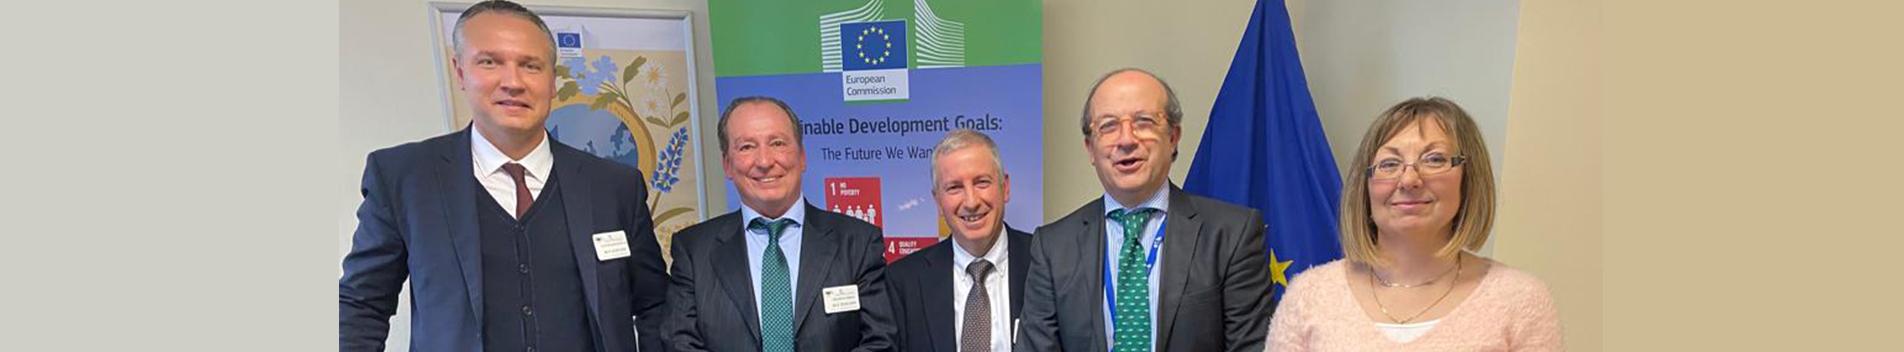 ASOBIOCOM se reunió con la Dirección General de Medio Ambiente Europea en Bruselas